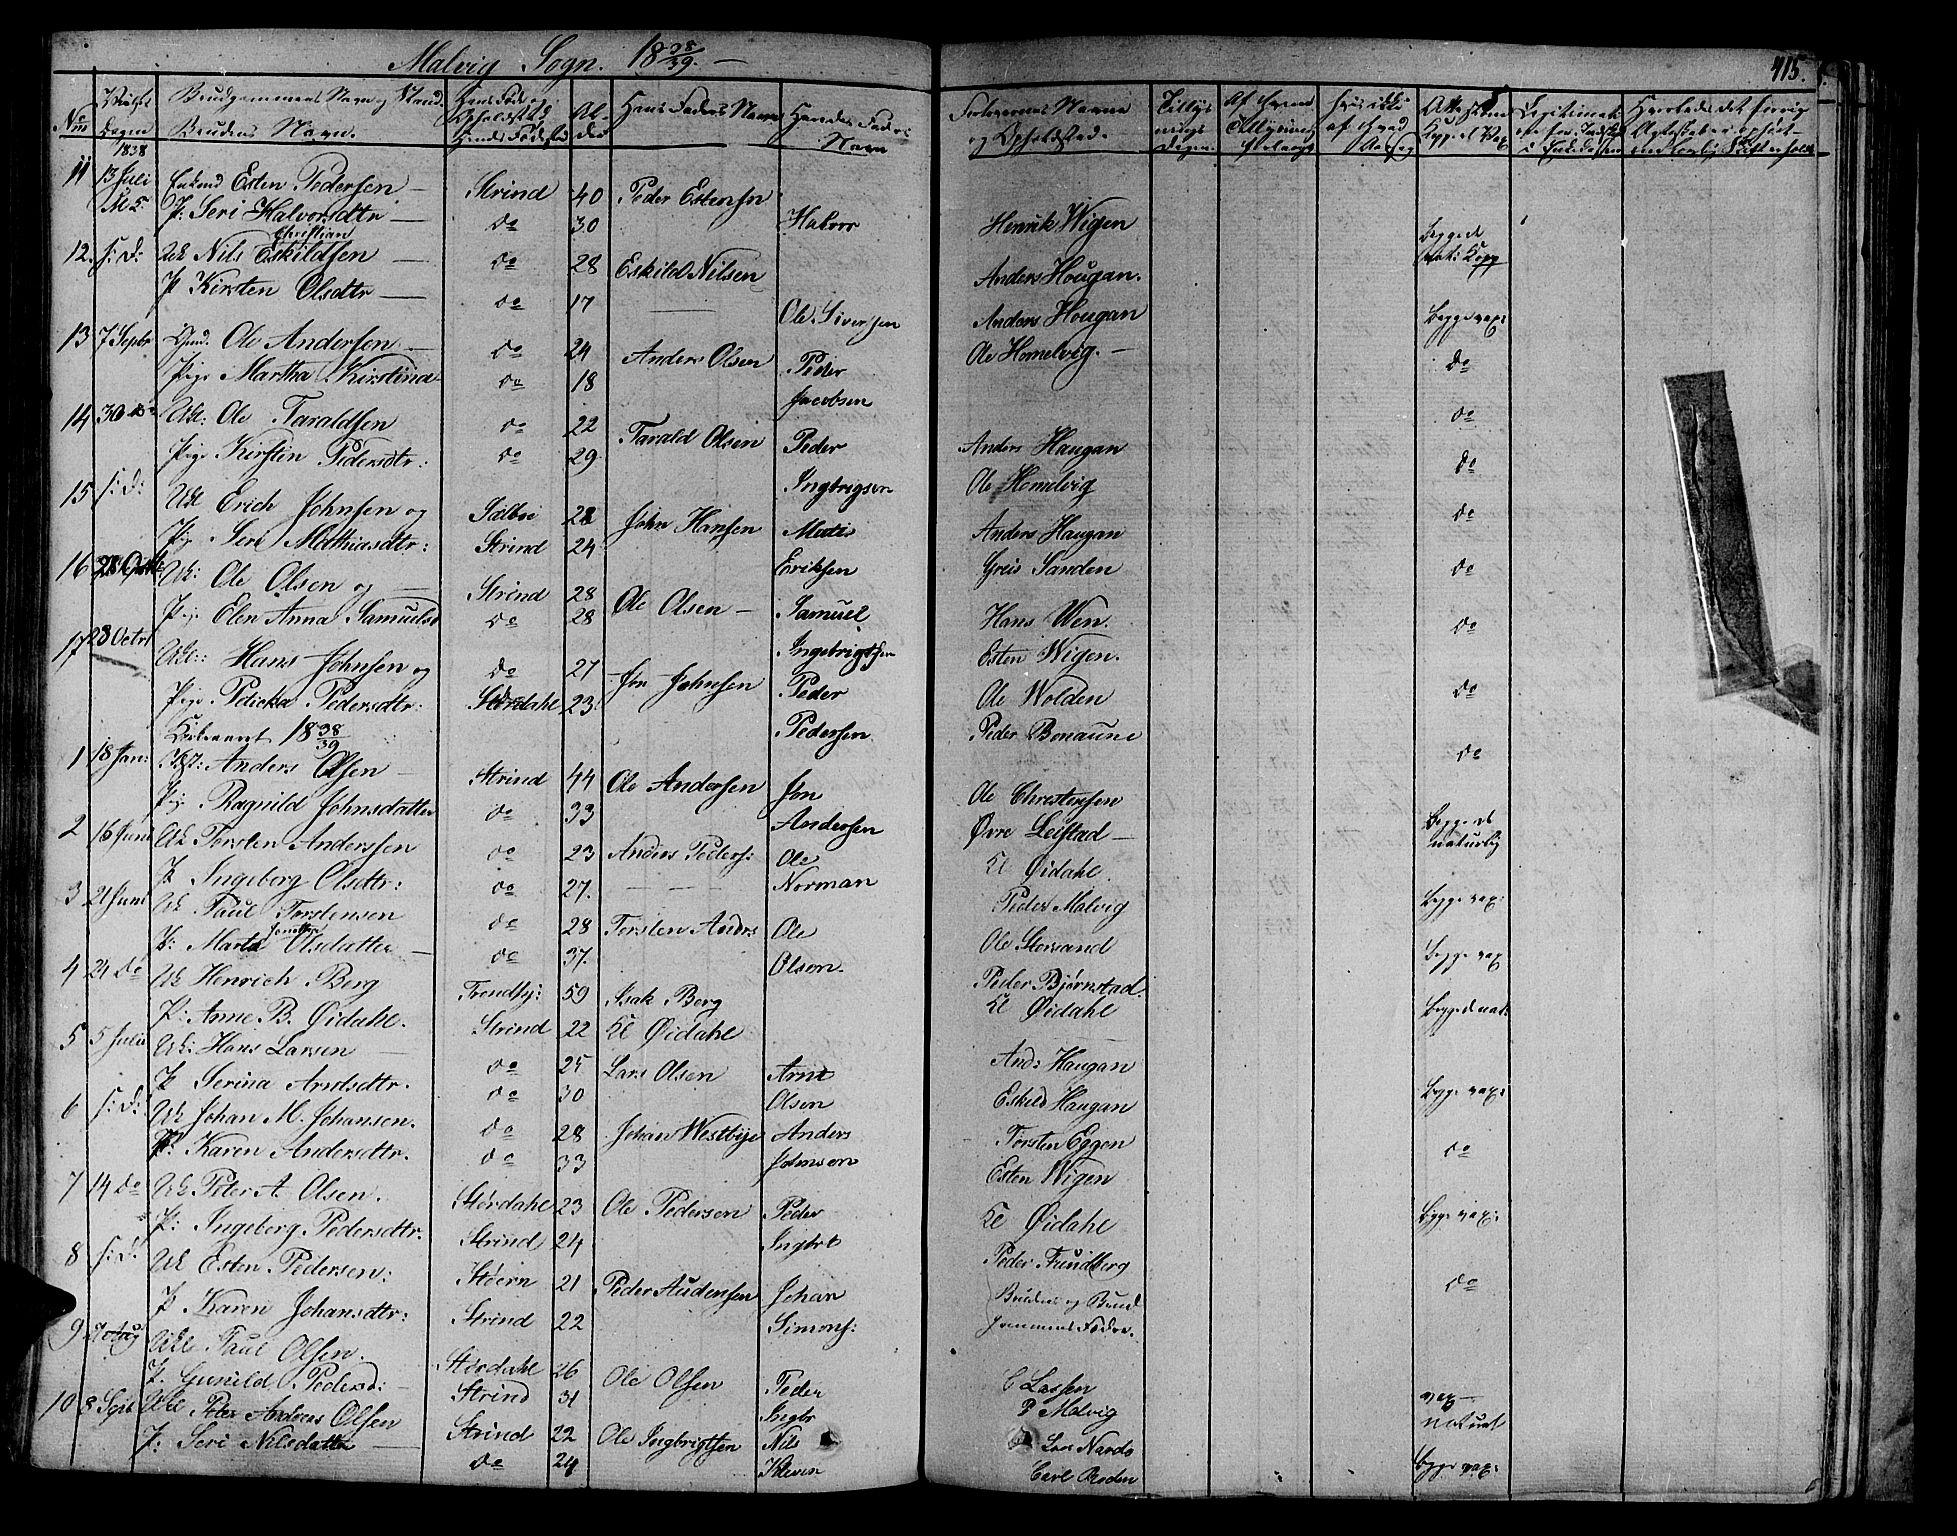 SAT, Ministerialprotokoller, klokkerbøker og fødselsregistre - Sør-Trøndelag, 606/L0288: Ministerialbok nr. 606A04 /3, 1826-1840, s. 415